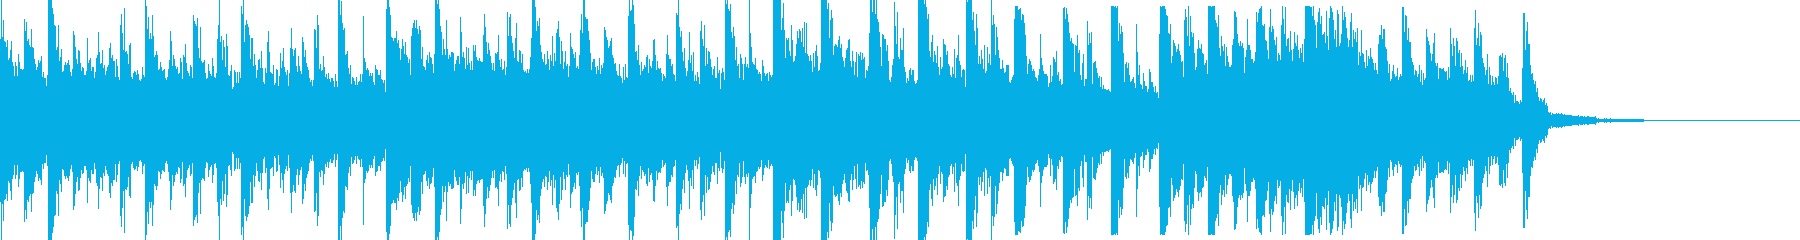 ビッグビートなシンキングタイム音の再生済みの波形